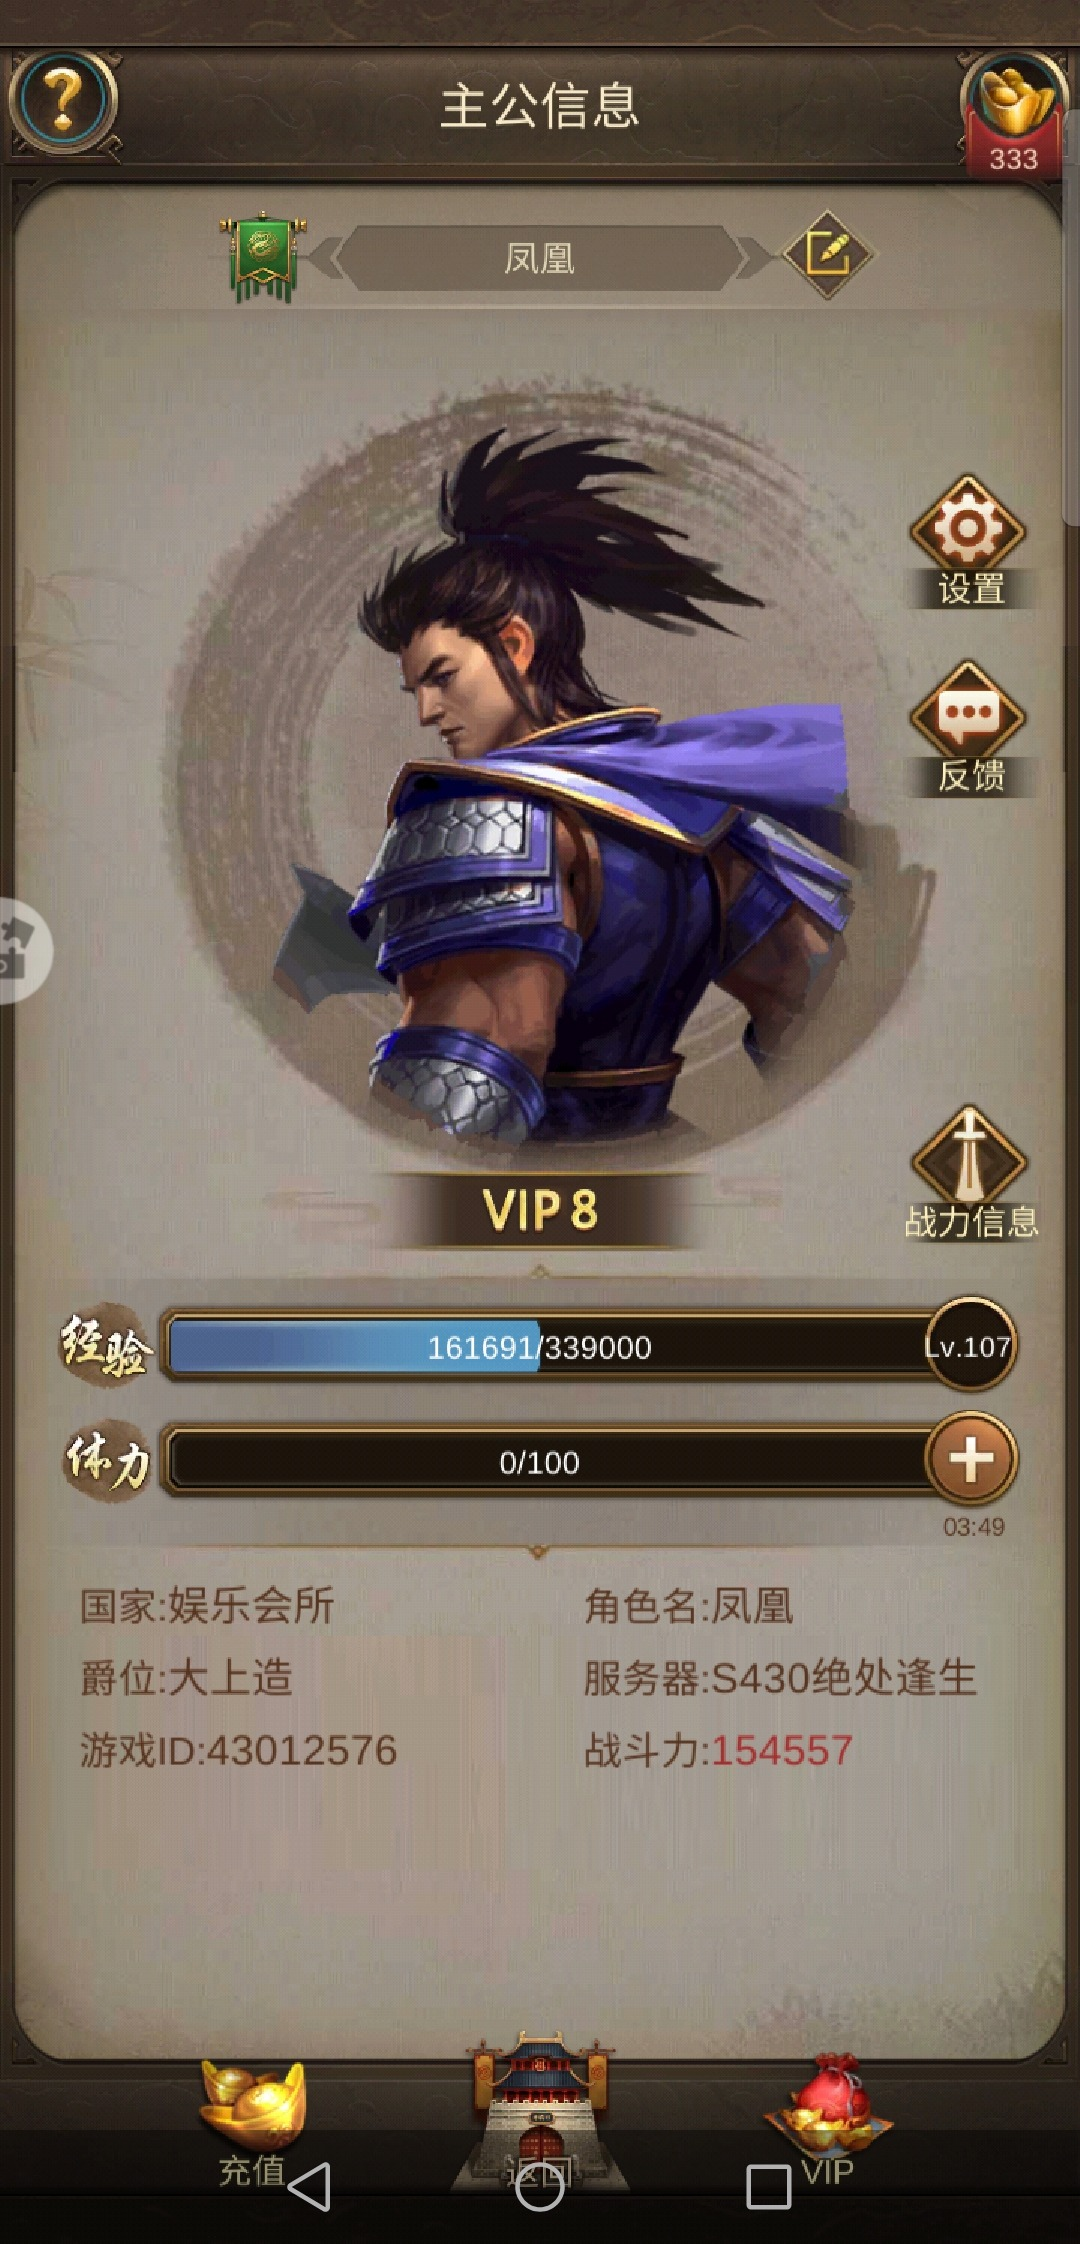 Screenshot_20210501_130139_juedi.tatuyin.rxsg.huawei.jpg